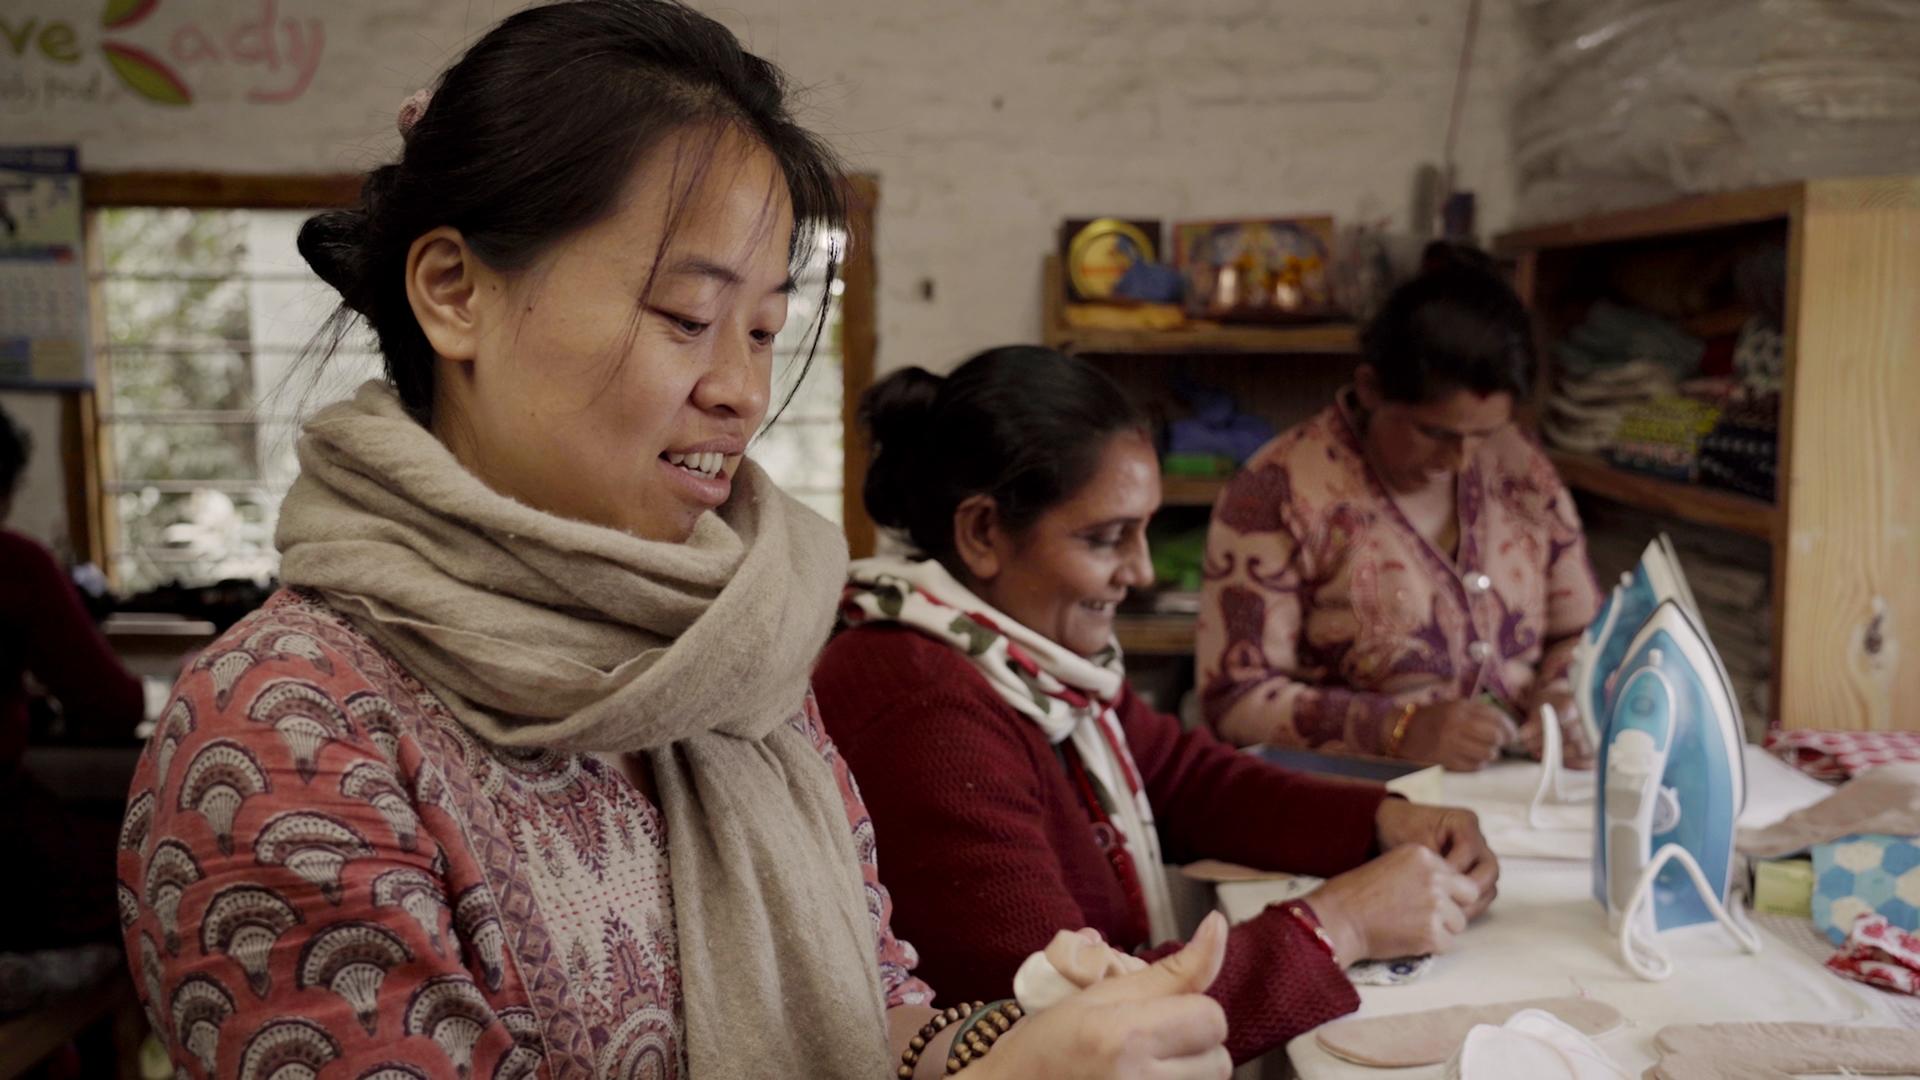 台灣的她用「布衛生棉」改變當地婦女命運 《尼泊爾布思議》掀起月經革命